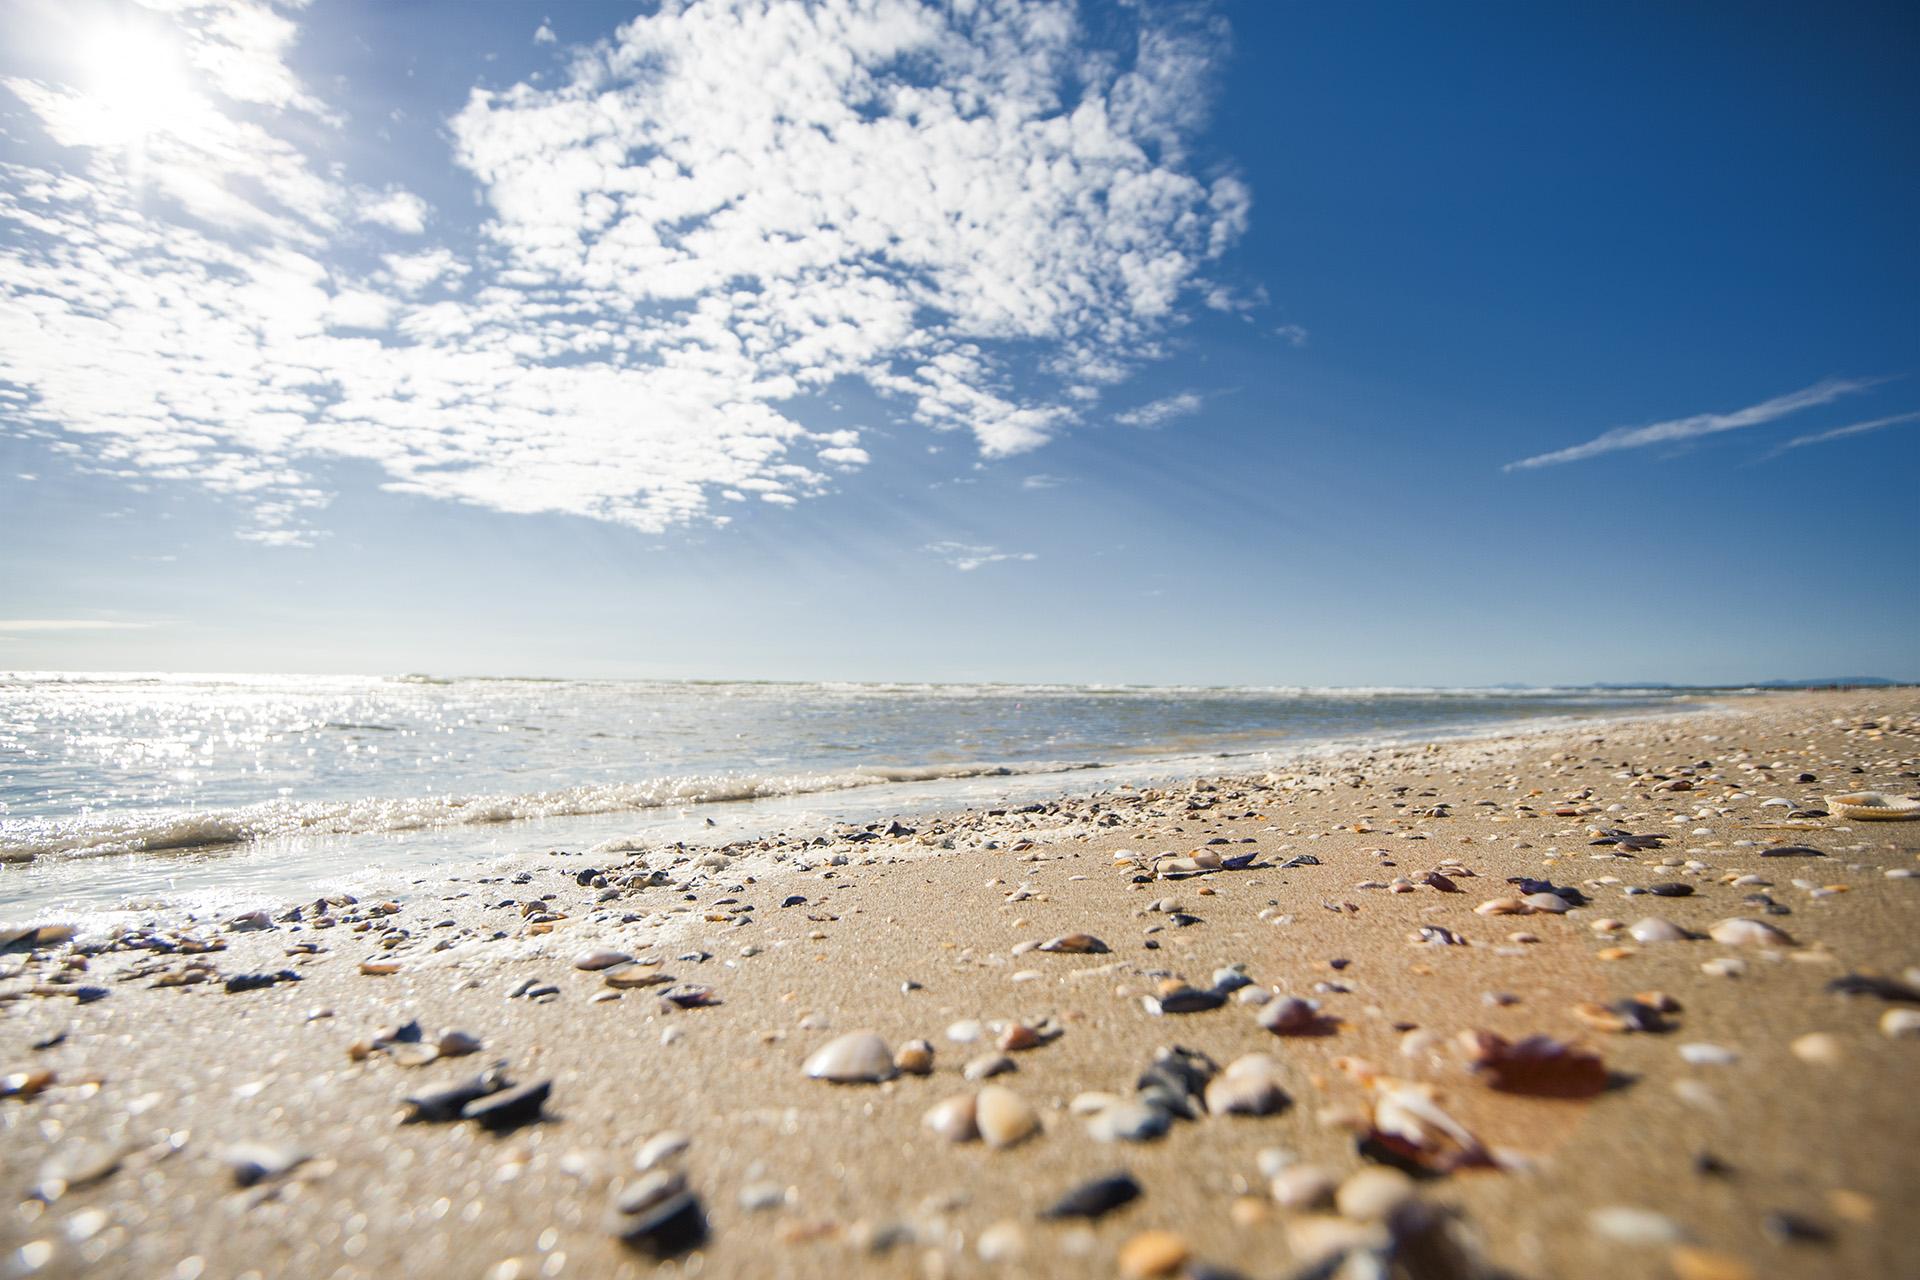 Matrimonio Spiaggia Marina Di Ravenna : File marina di ravenna spiaggia g wikimedia commons